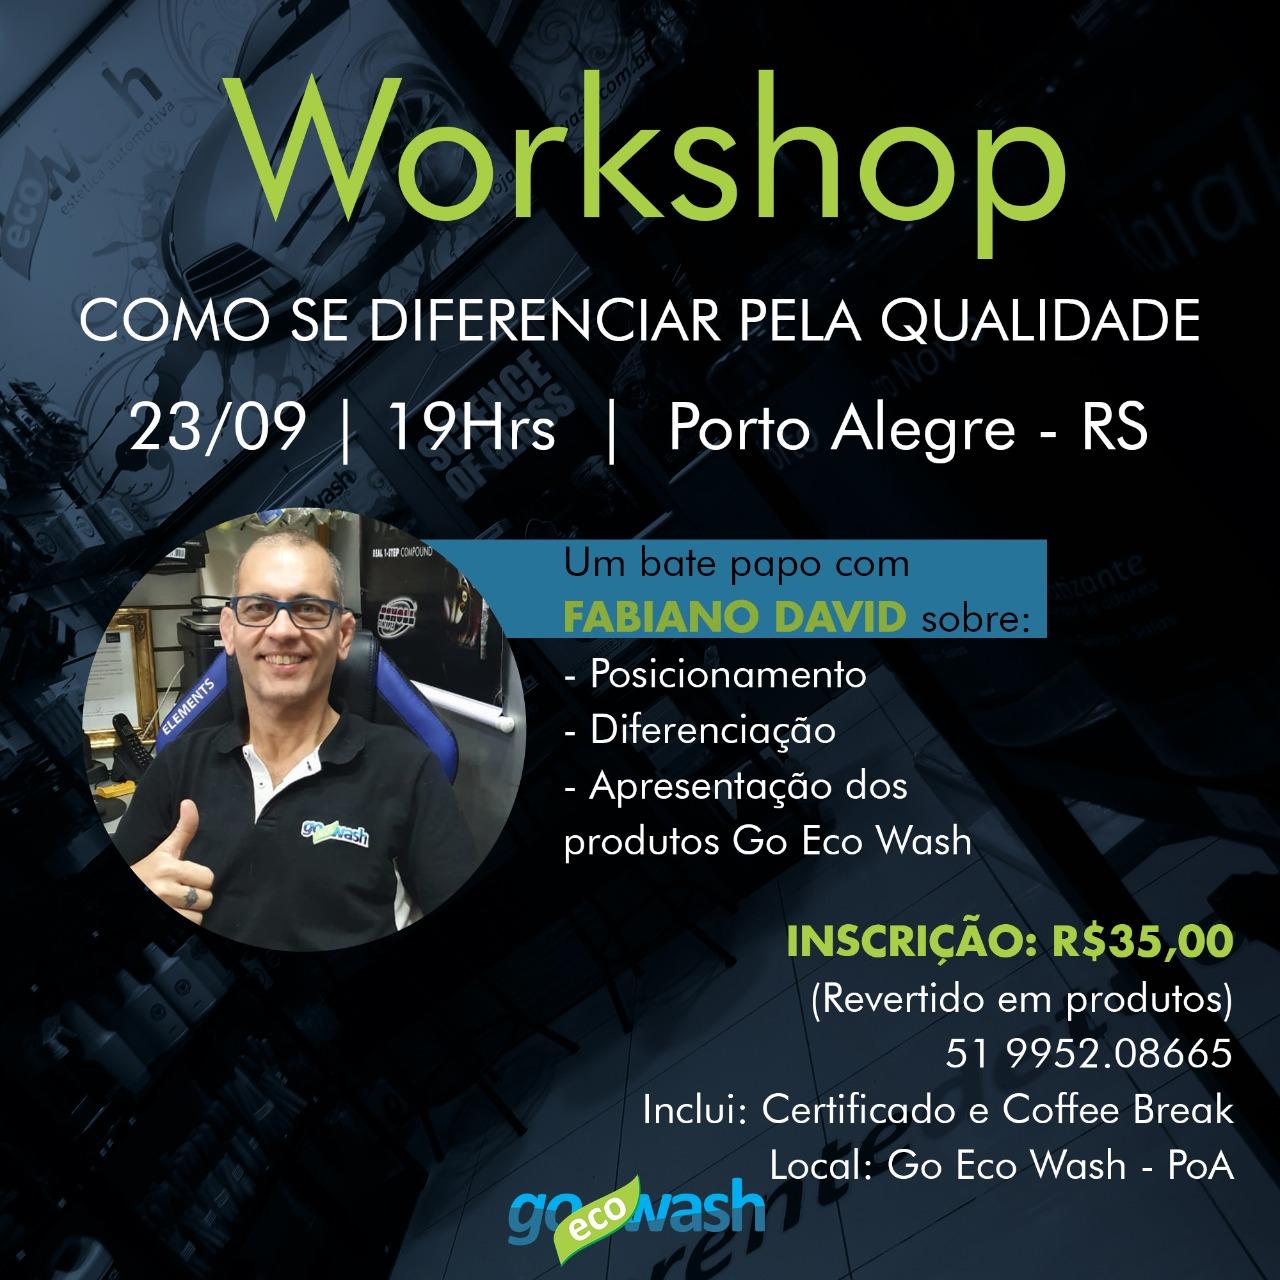 WORKSHOP COMO SE DIFERENCIAR PELA QUALIDADE + Linha Go Eco Wash  - Loja Go Eco Wash